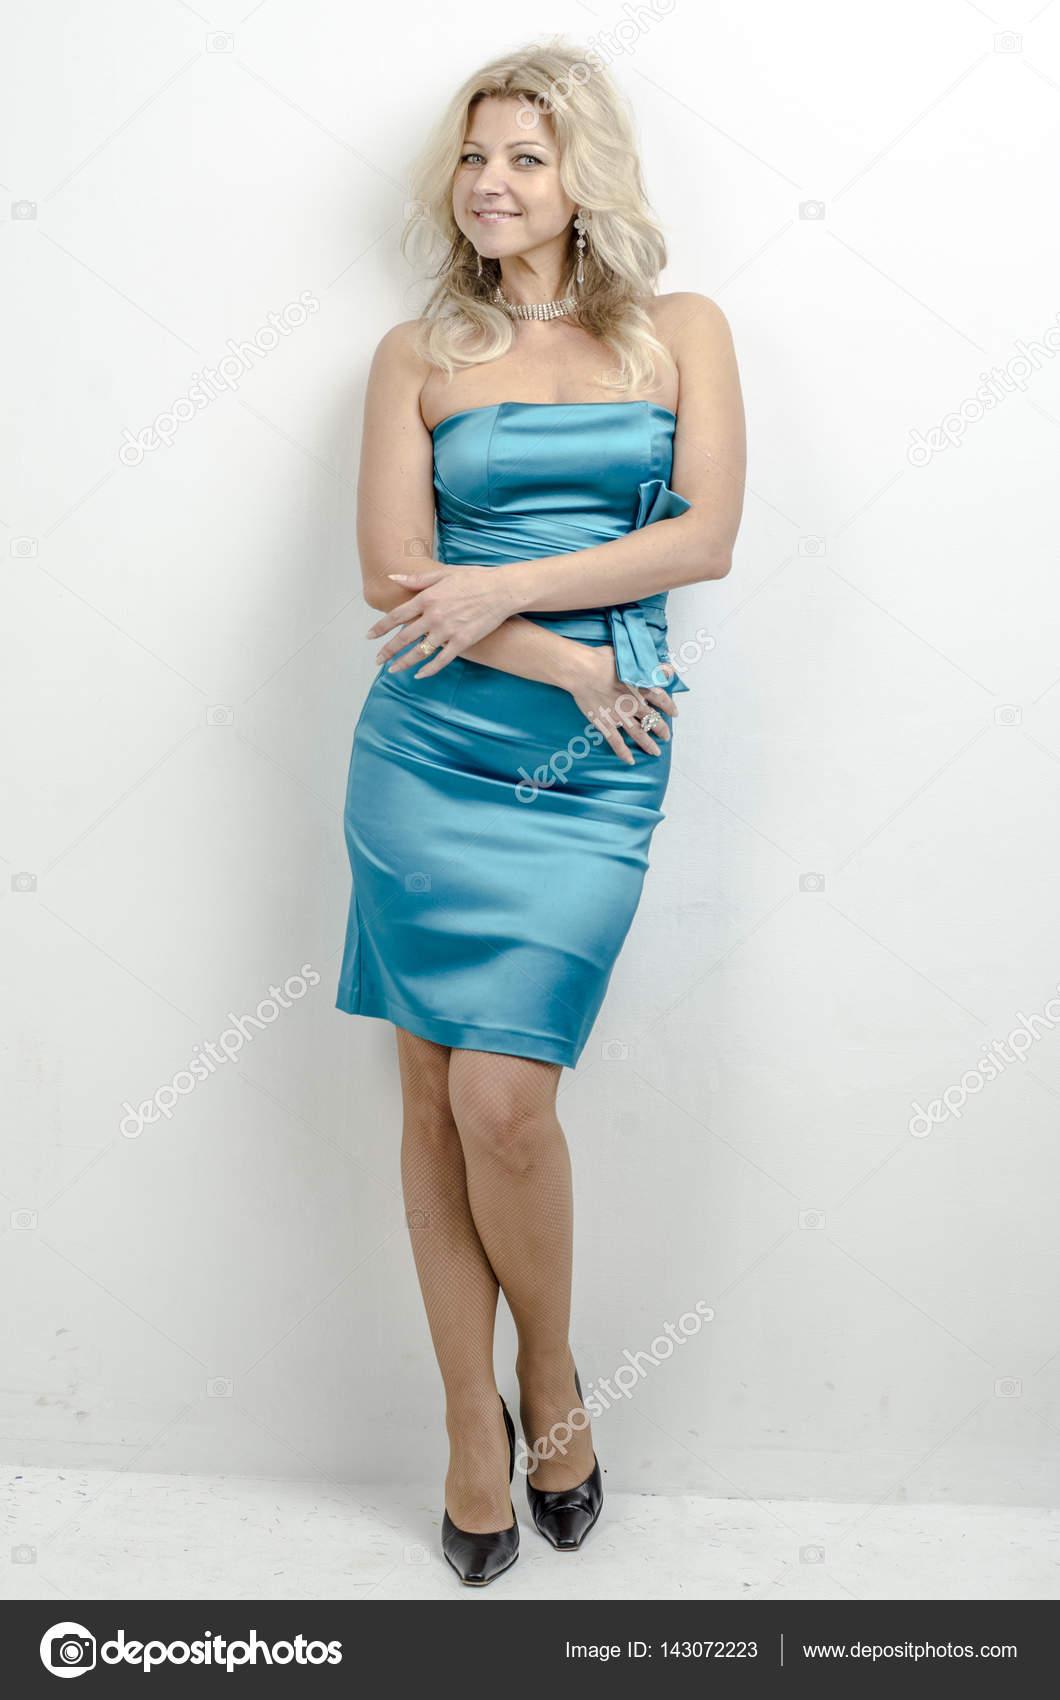 Blauwe Cocktailjurk.Mooie Blonde Vrouw In Een Blauwe Cocktailjurk Stockfoto C Rogkoff